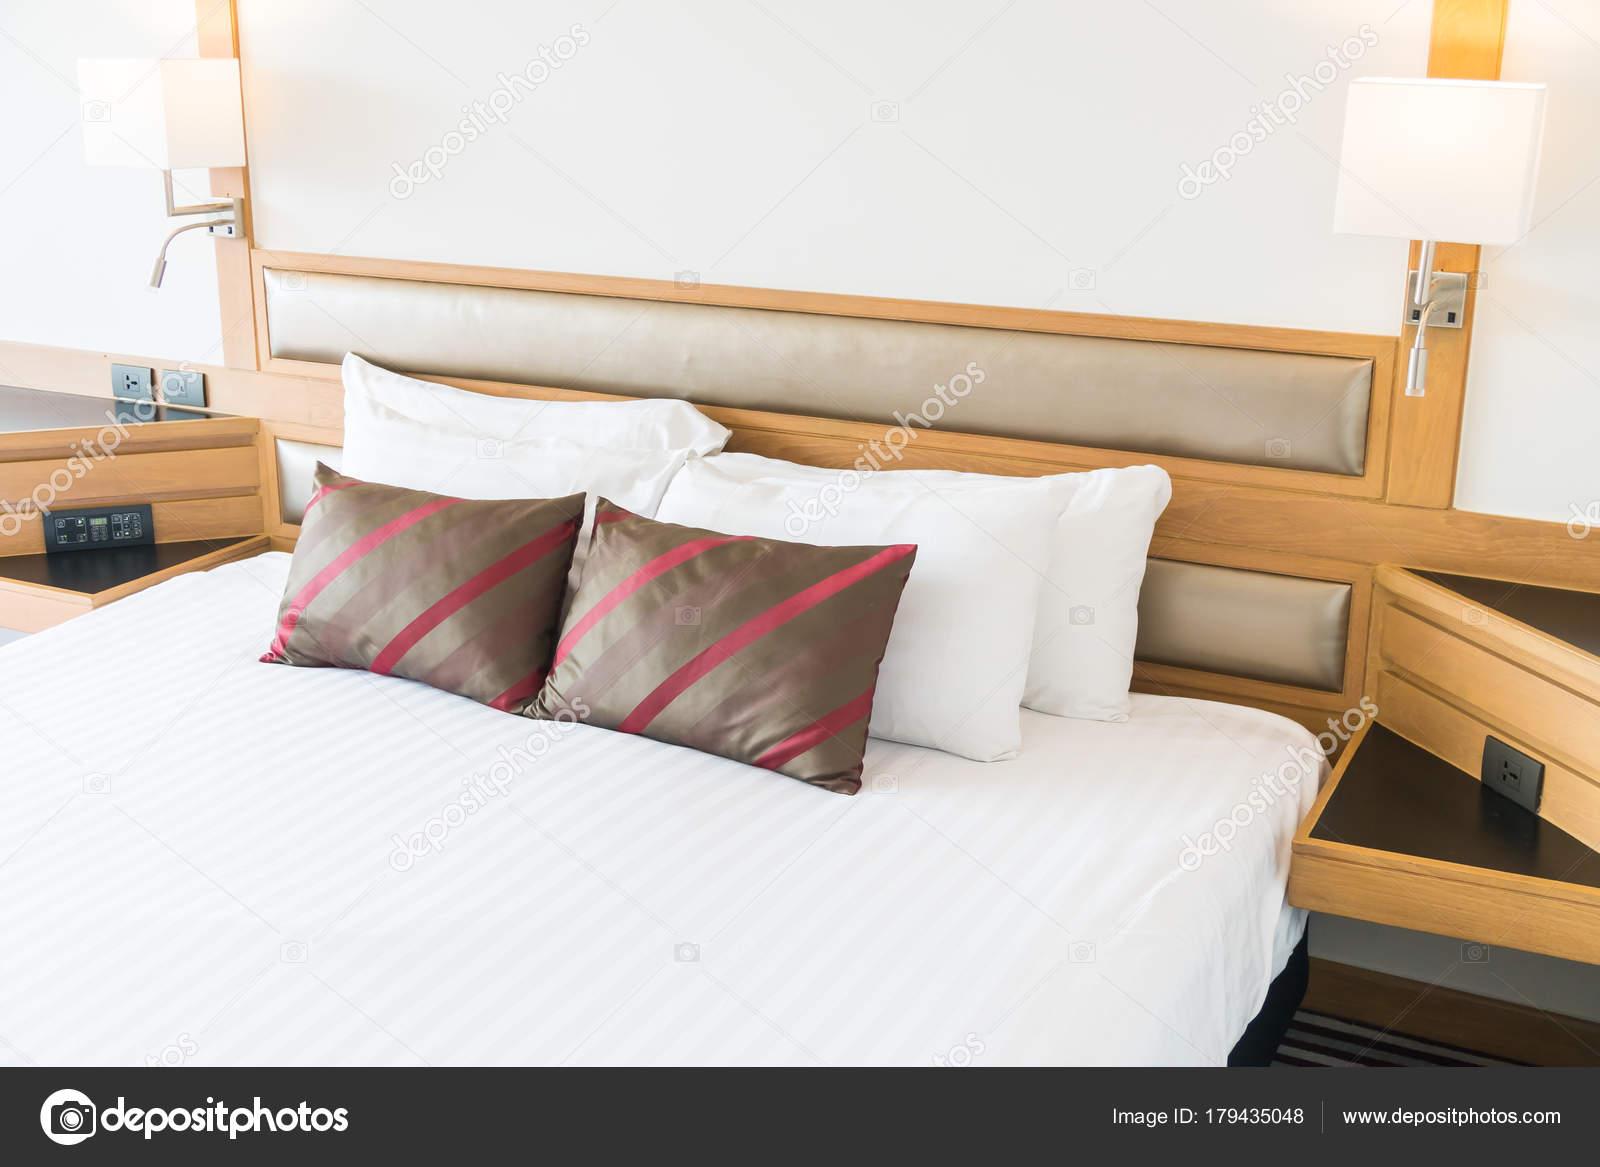 Comfortabel kussen het bed slaapkamer interieur decoratie